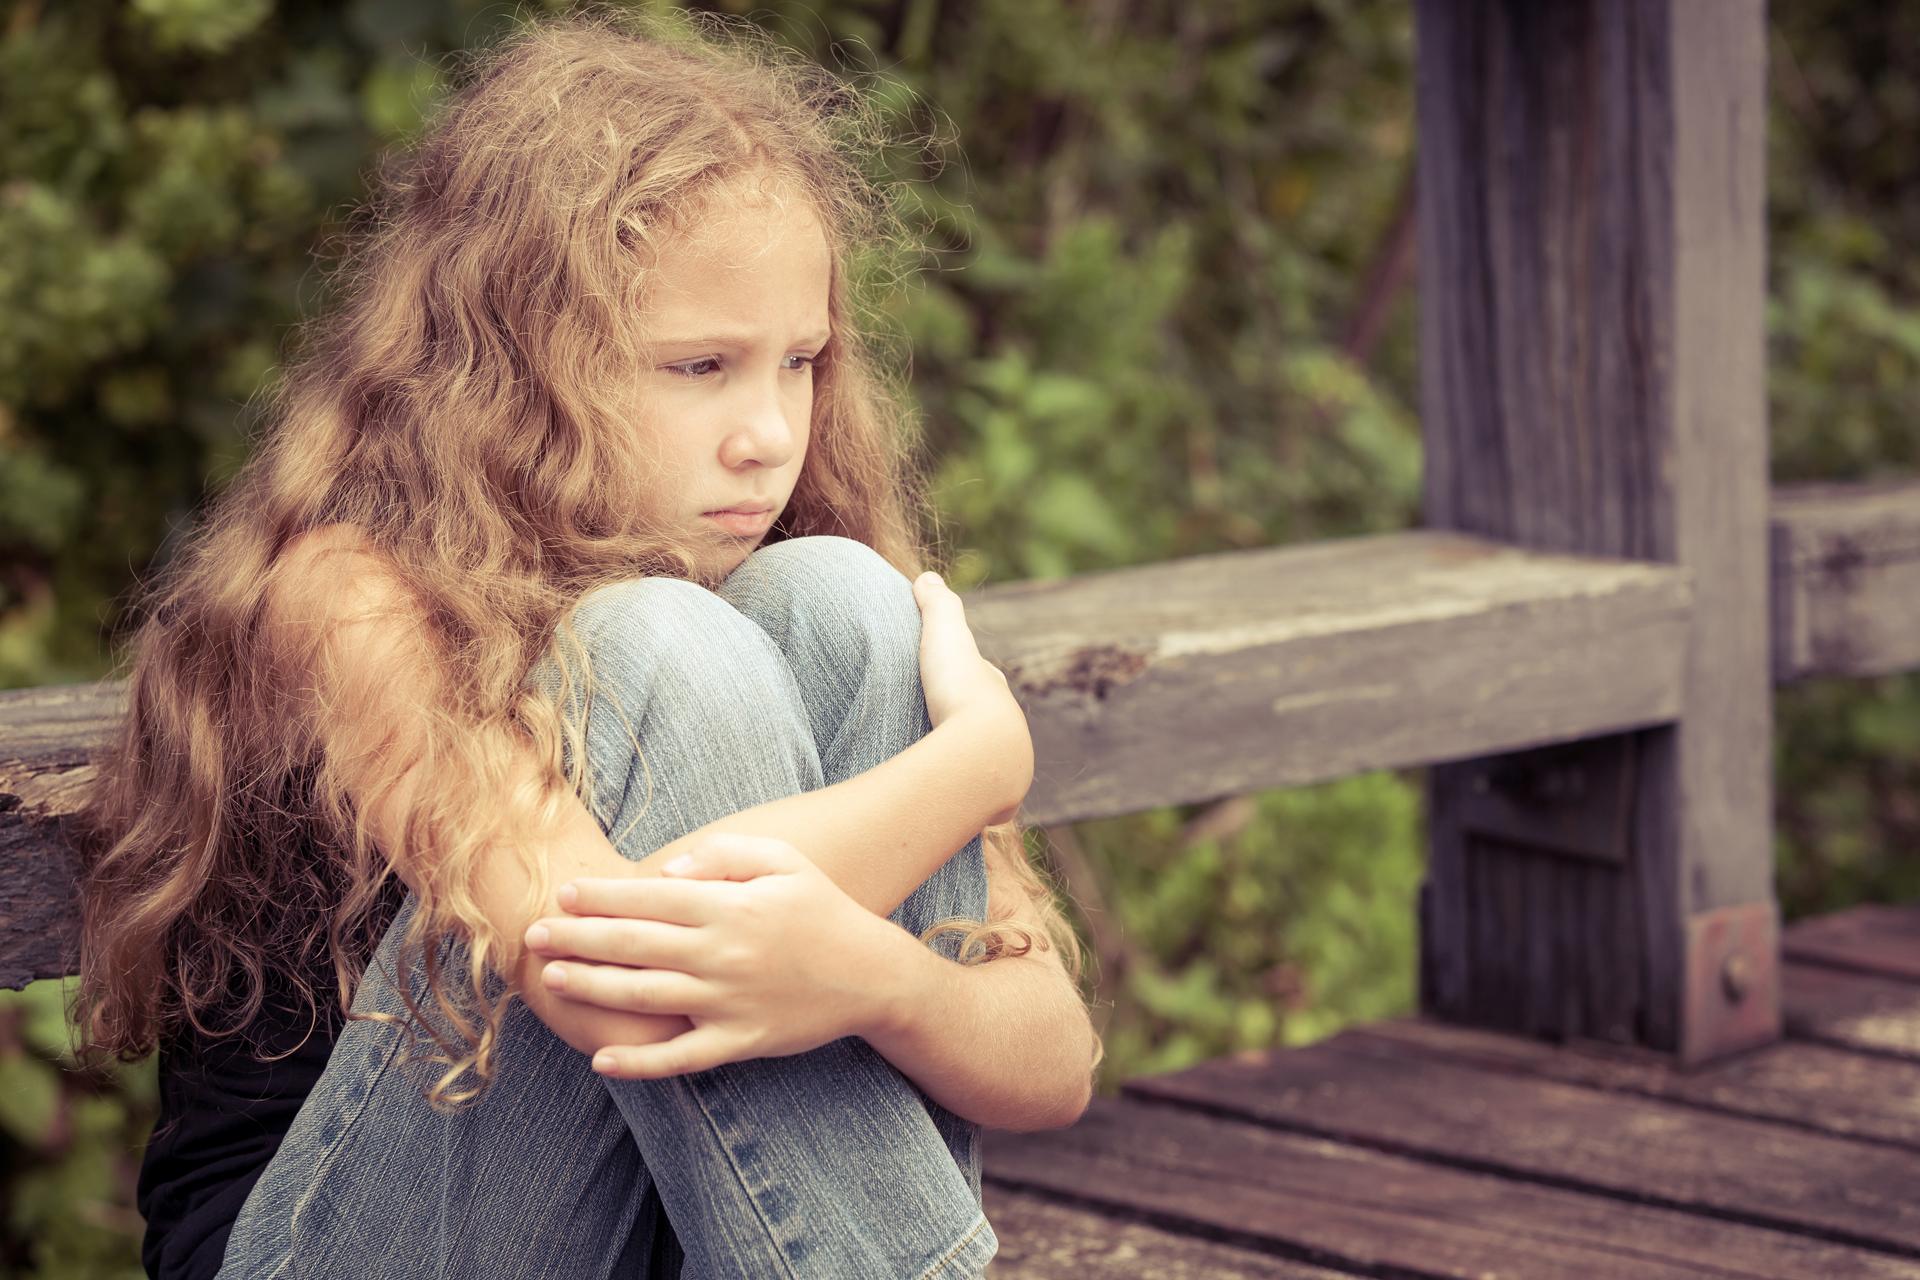 Cada niño tiene necesidades emocionales especiales, y puede manifestar cansancio, procuración o entusiasmo (Getty Images)